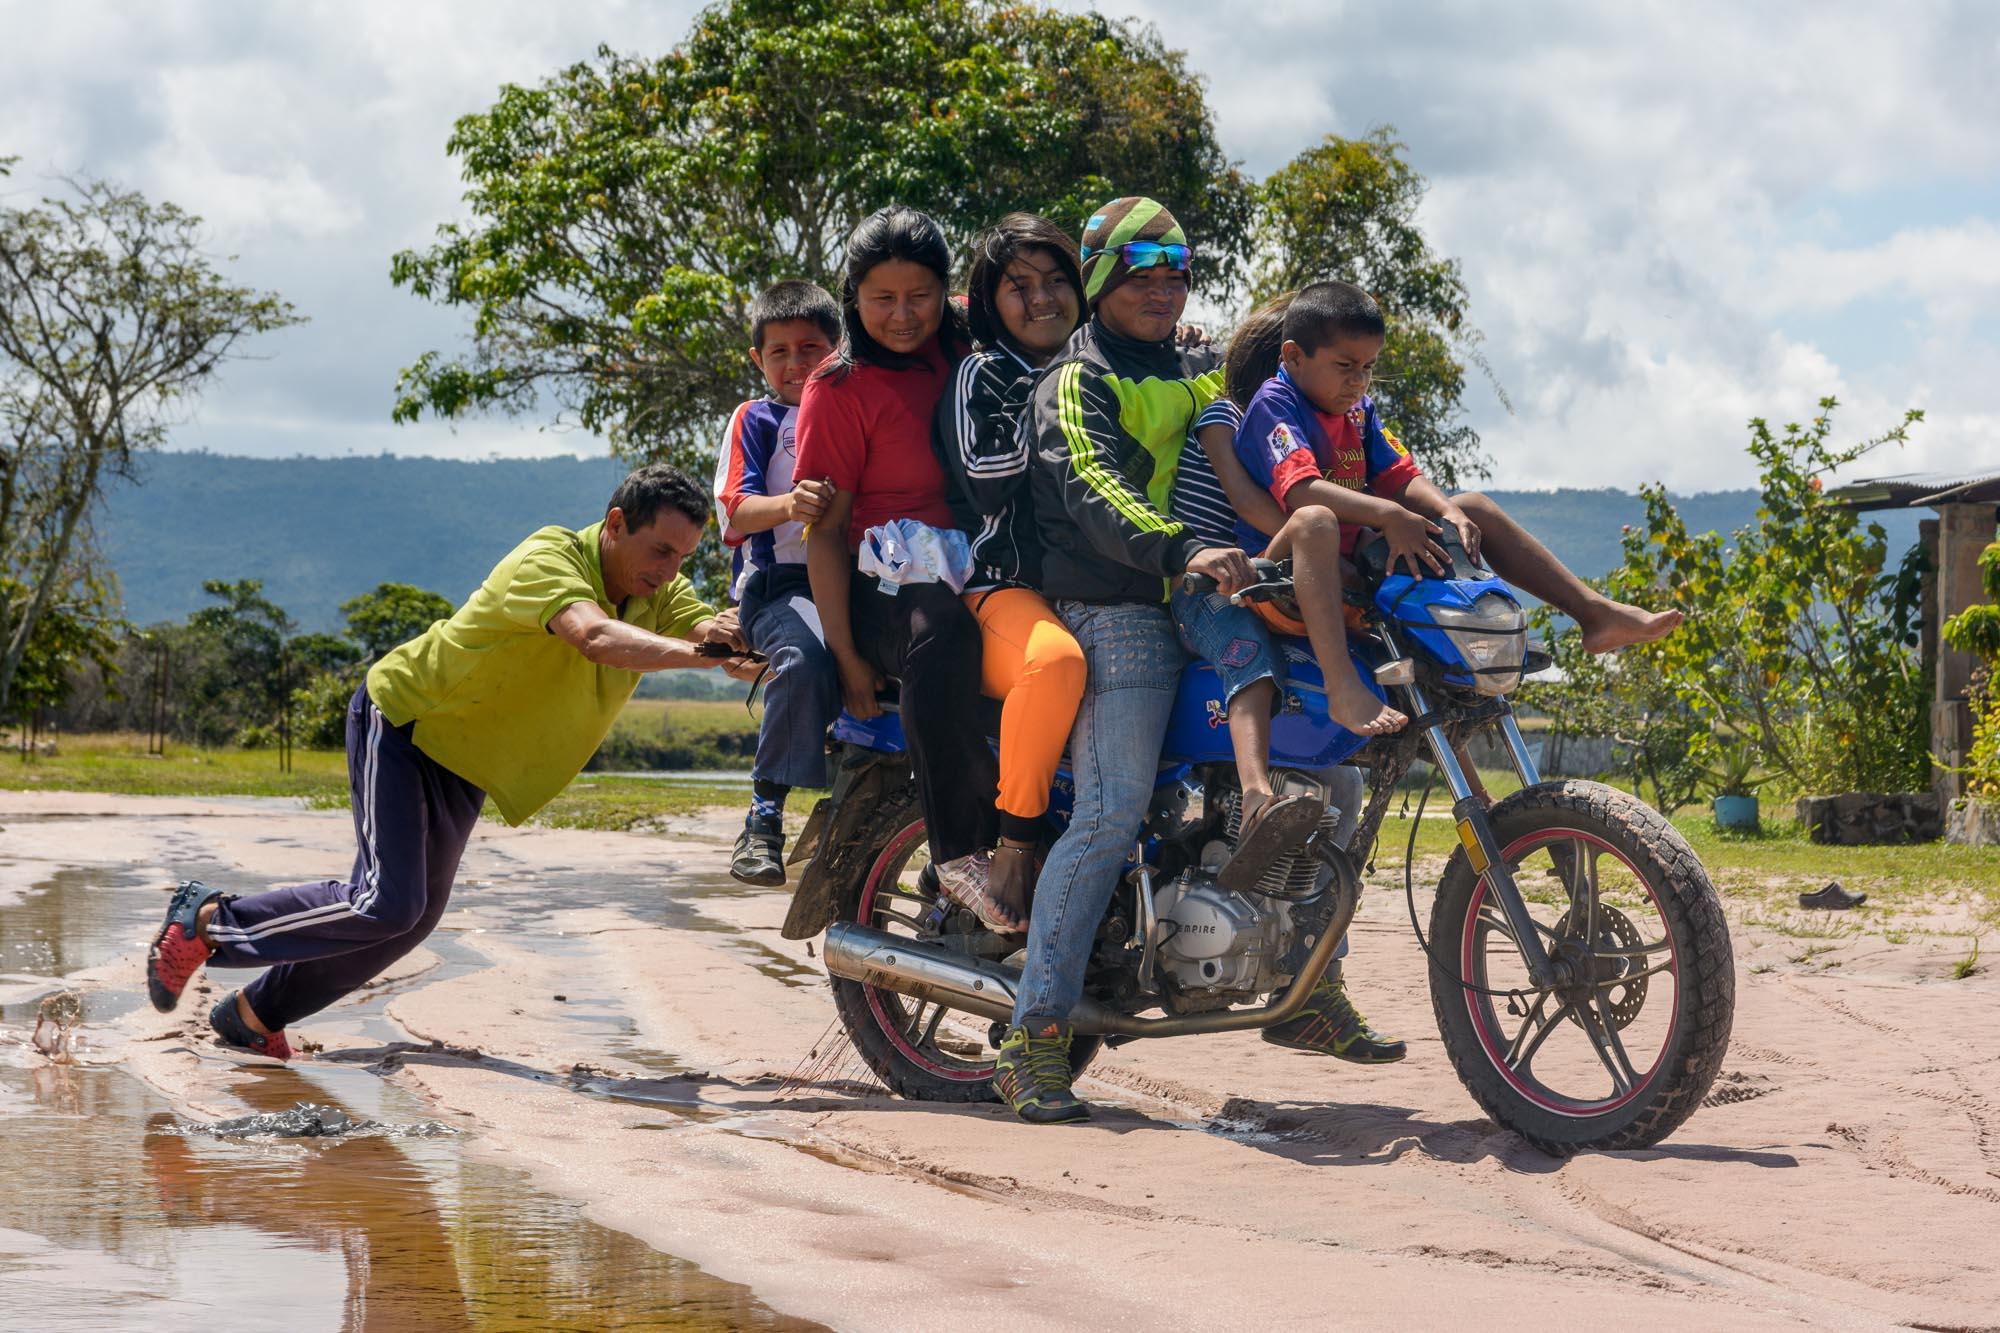 Sechs Menschen auf Motorrad